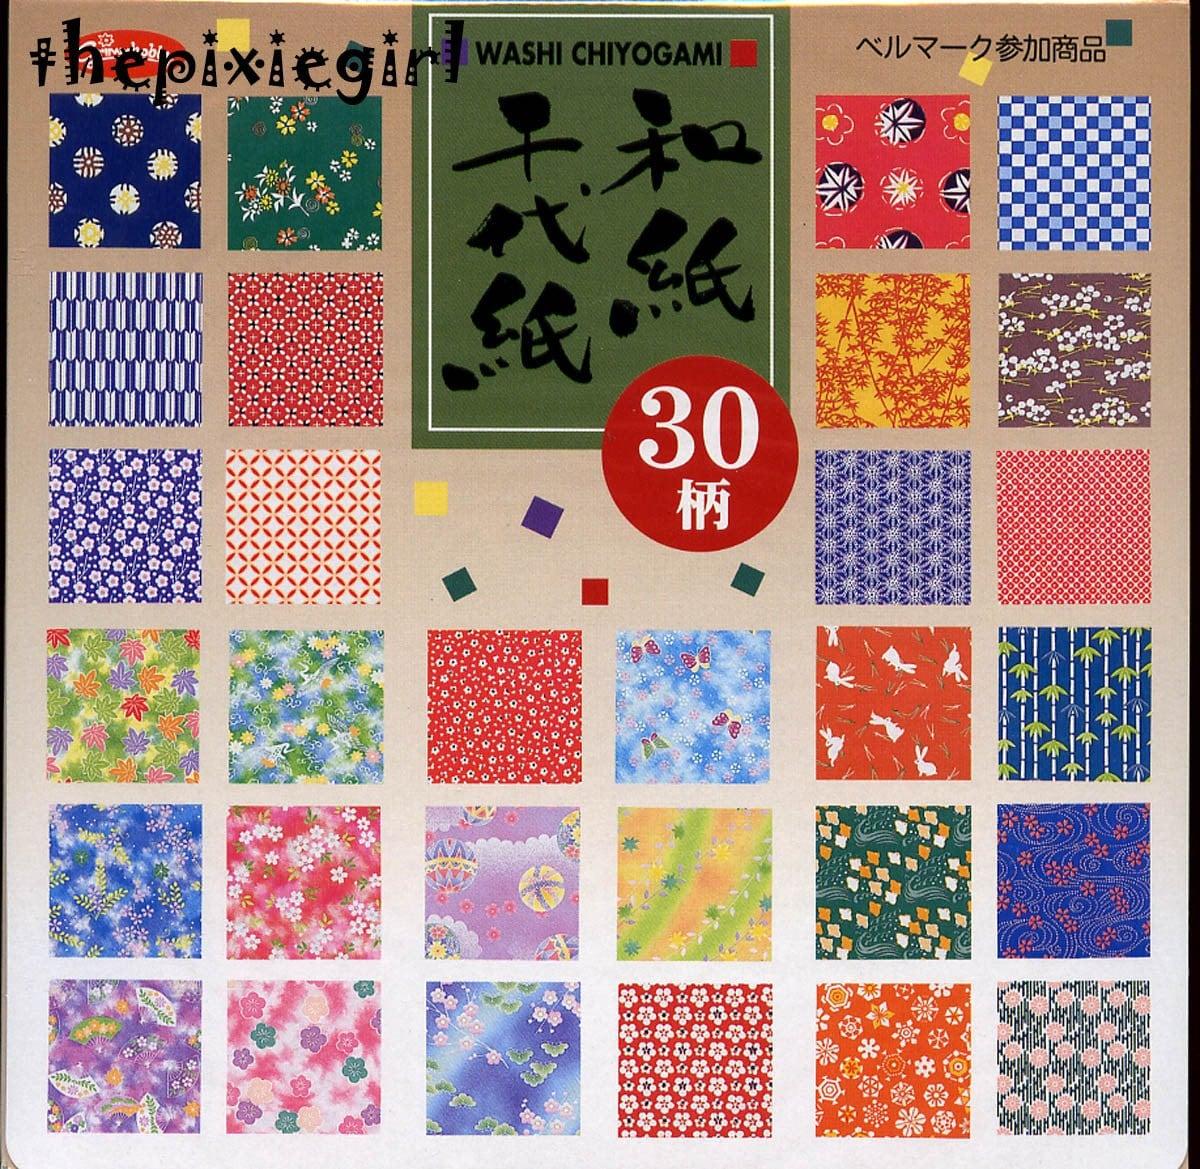 JAPANESE ORIGAMI PAPER 150 Sheets Washi Chiyogami Mixed Prints - photo#42